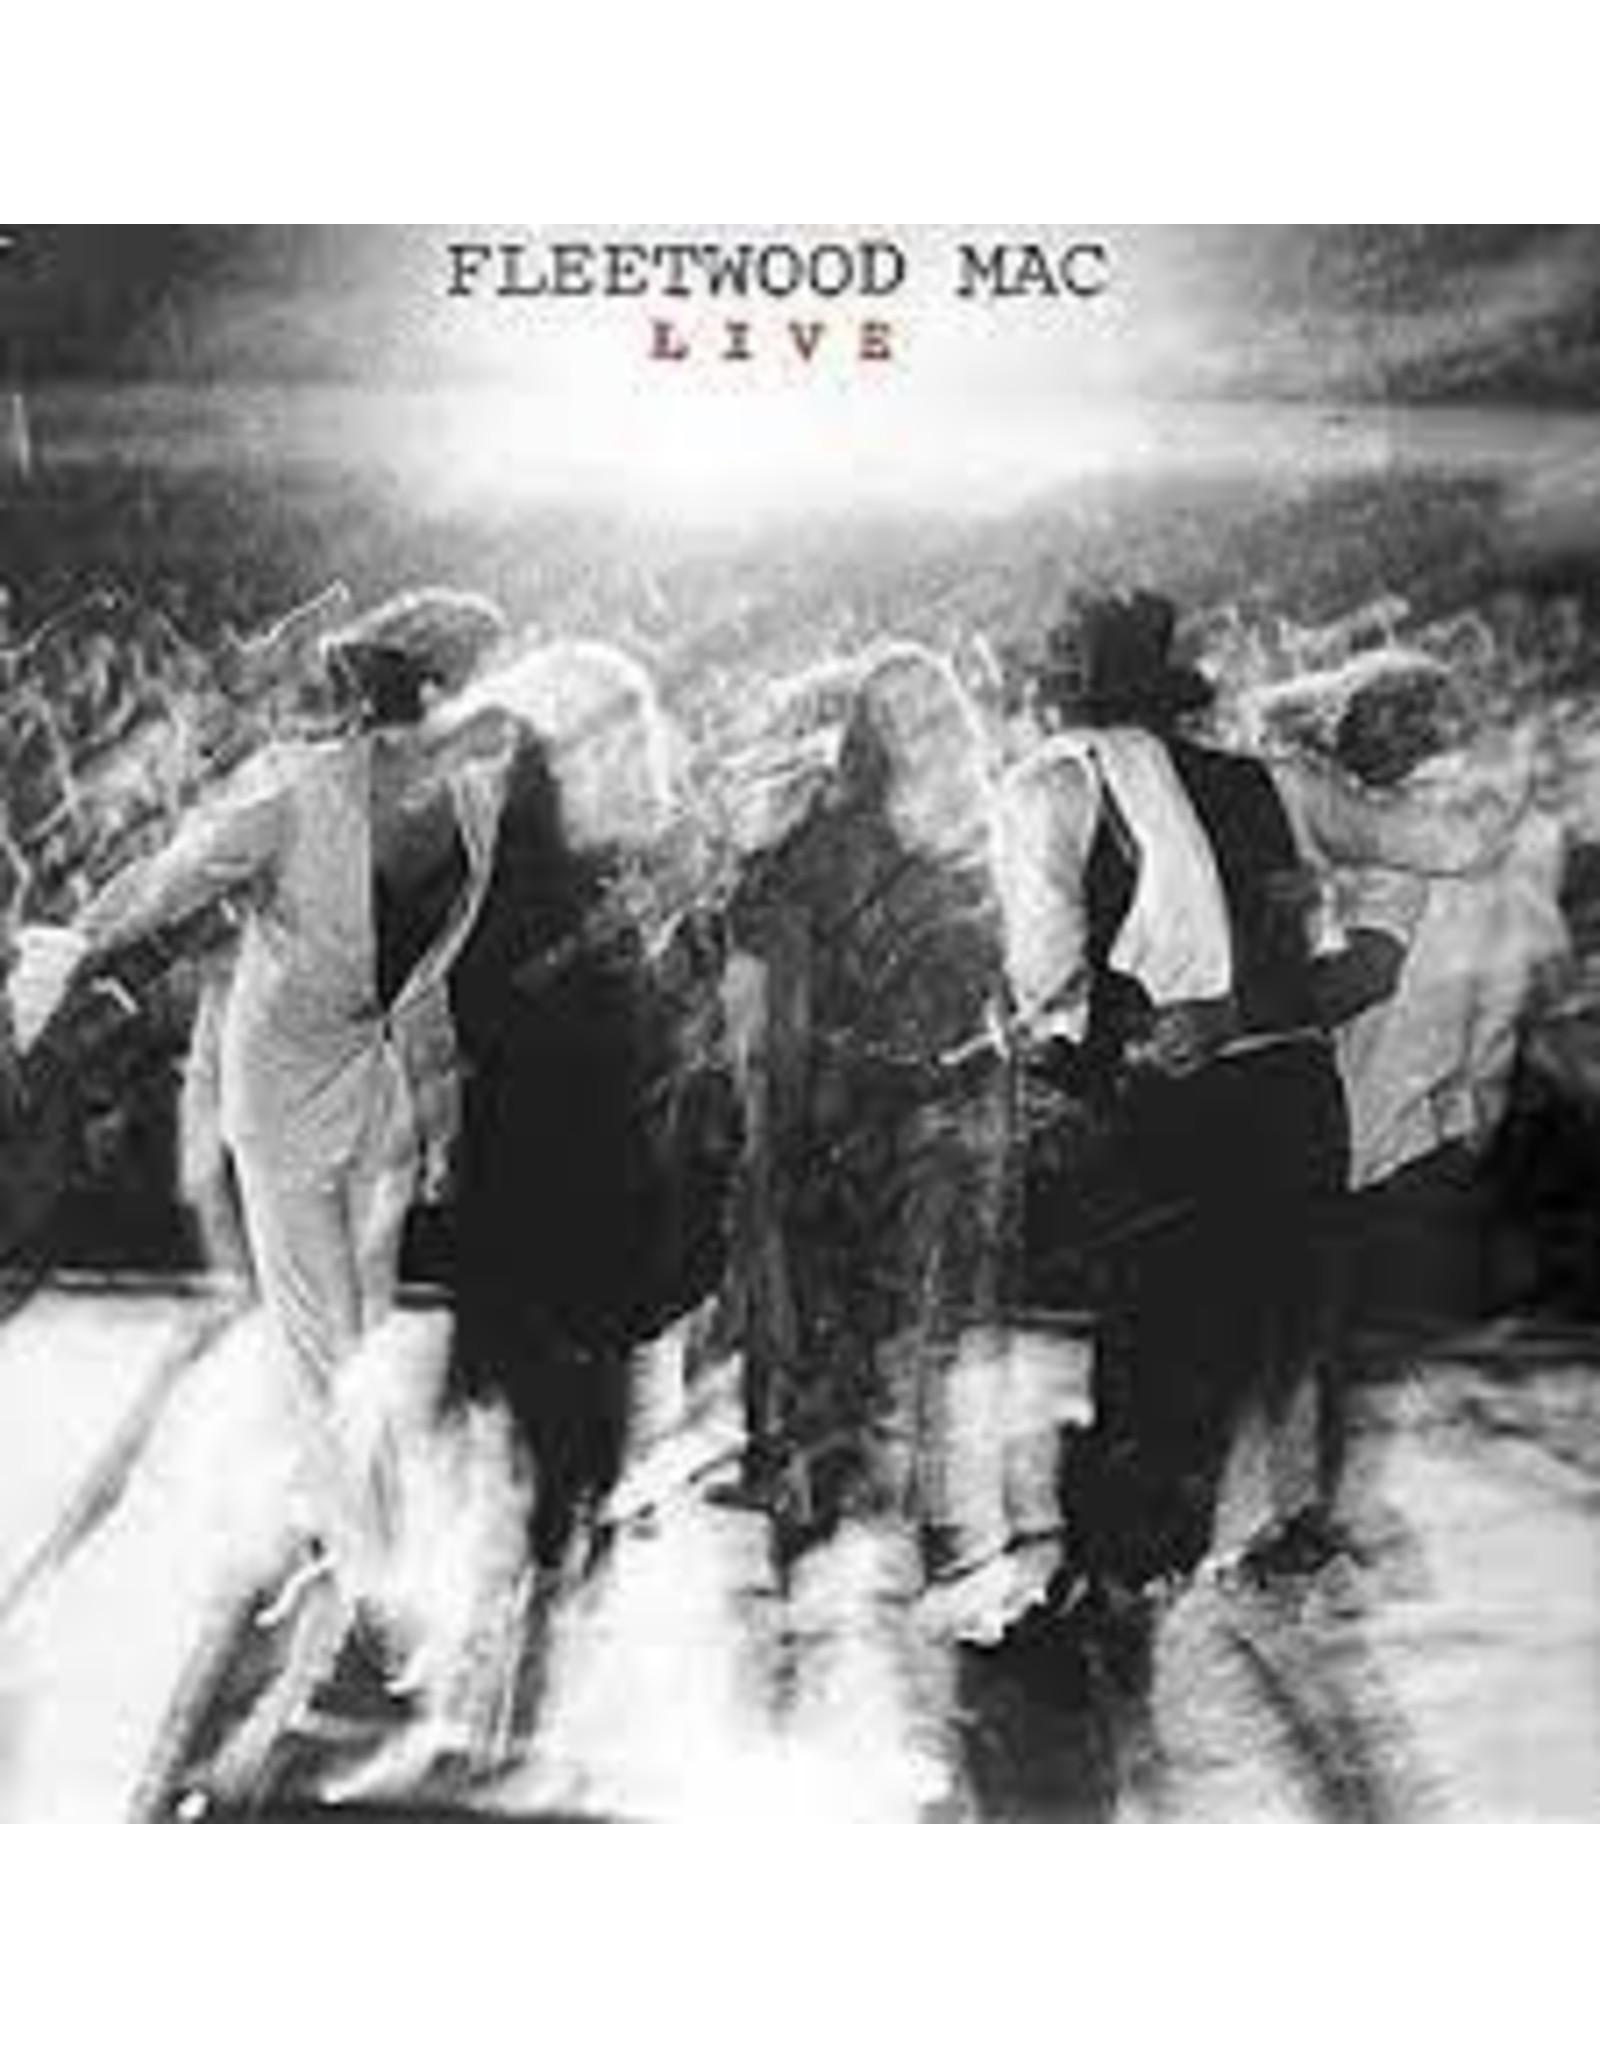 Fleetwood Mac - Live 1980 2LP 180G